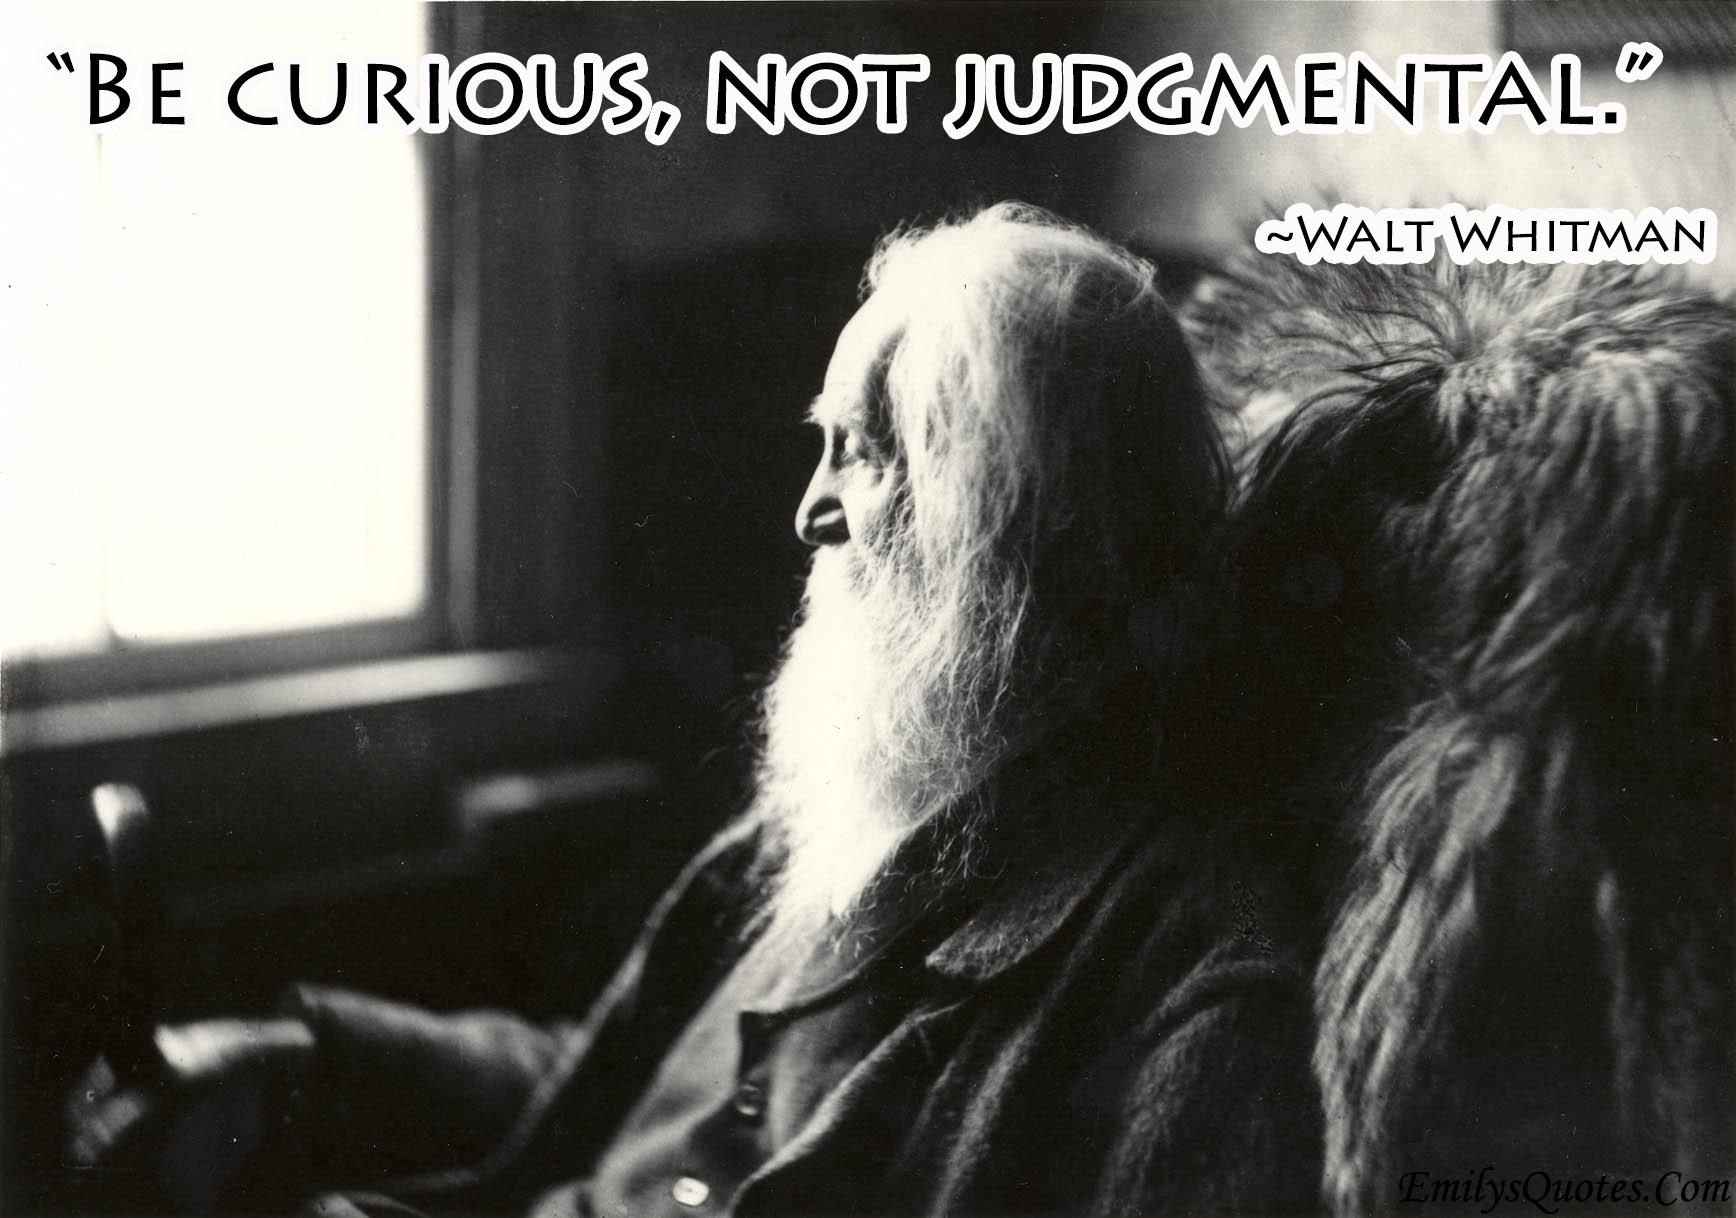 EmilysQuotes.Com - wisdom, Walt Whitman, curious, judgment